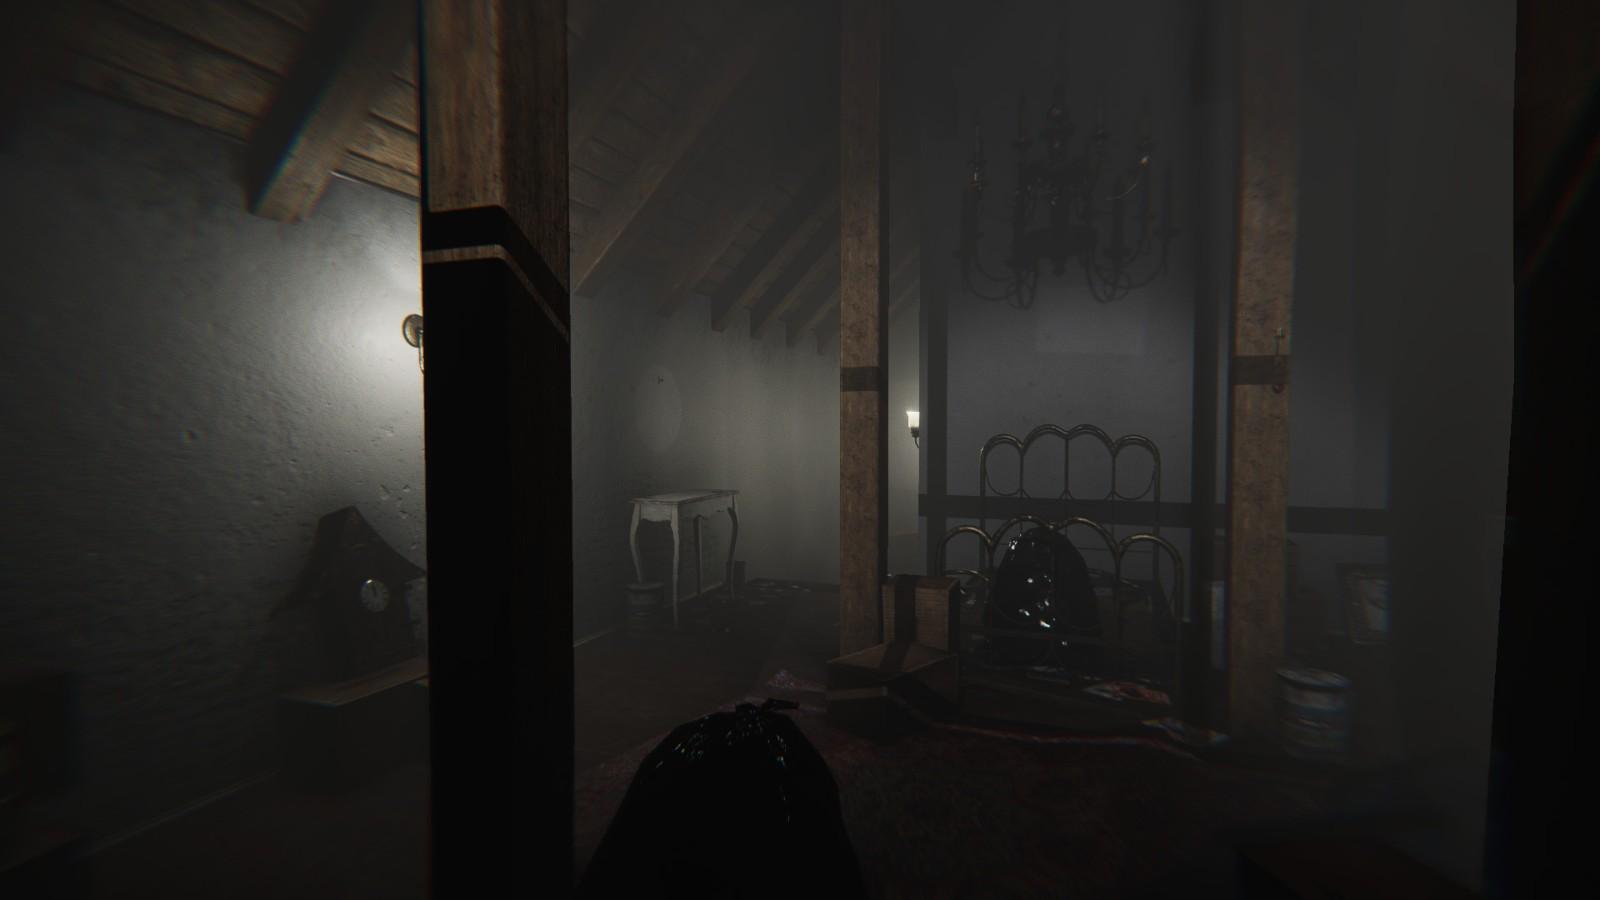 心里恐怖新作《失心疯》上架Steam 推荐GTX 1060显卡